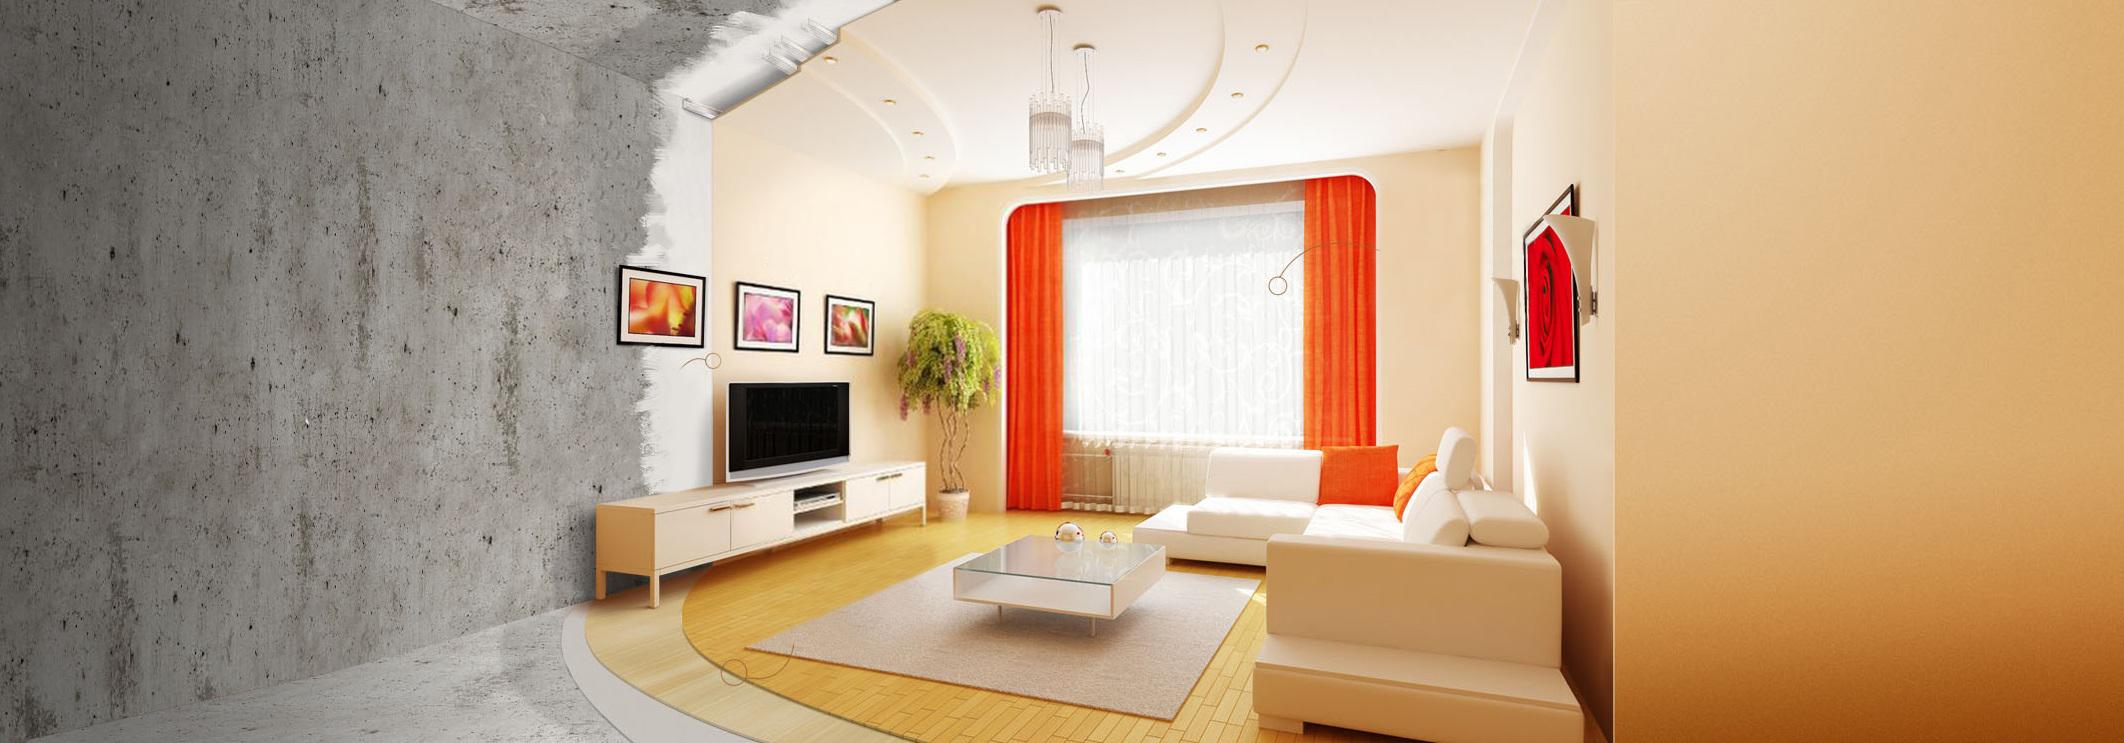 Ремонт моя квартира своими руками фото фото 918